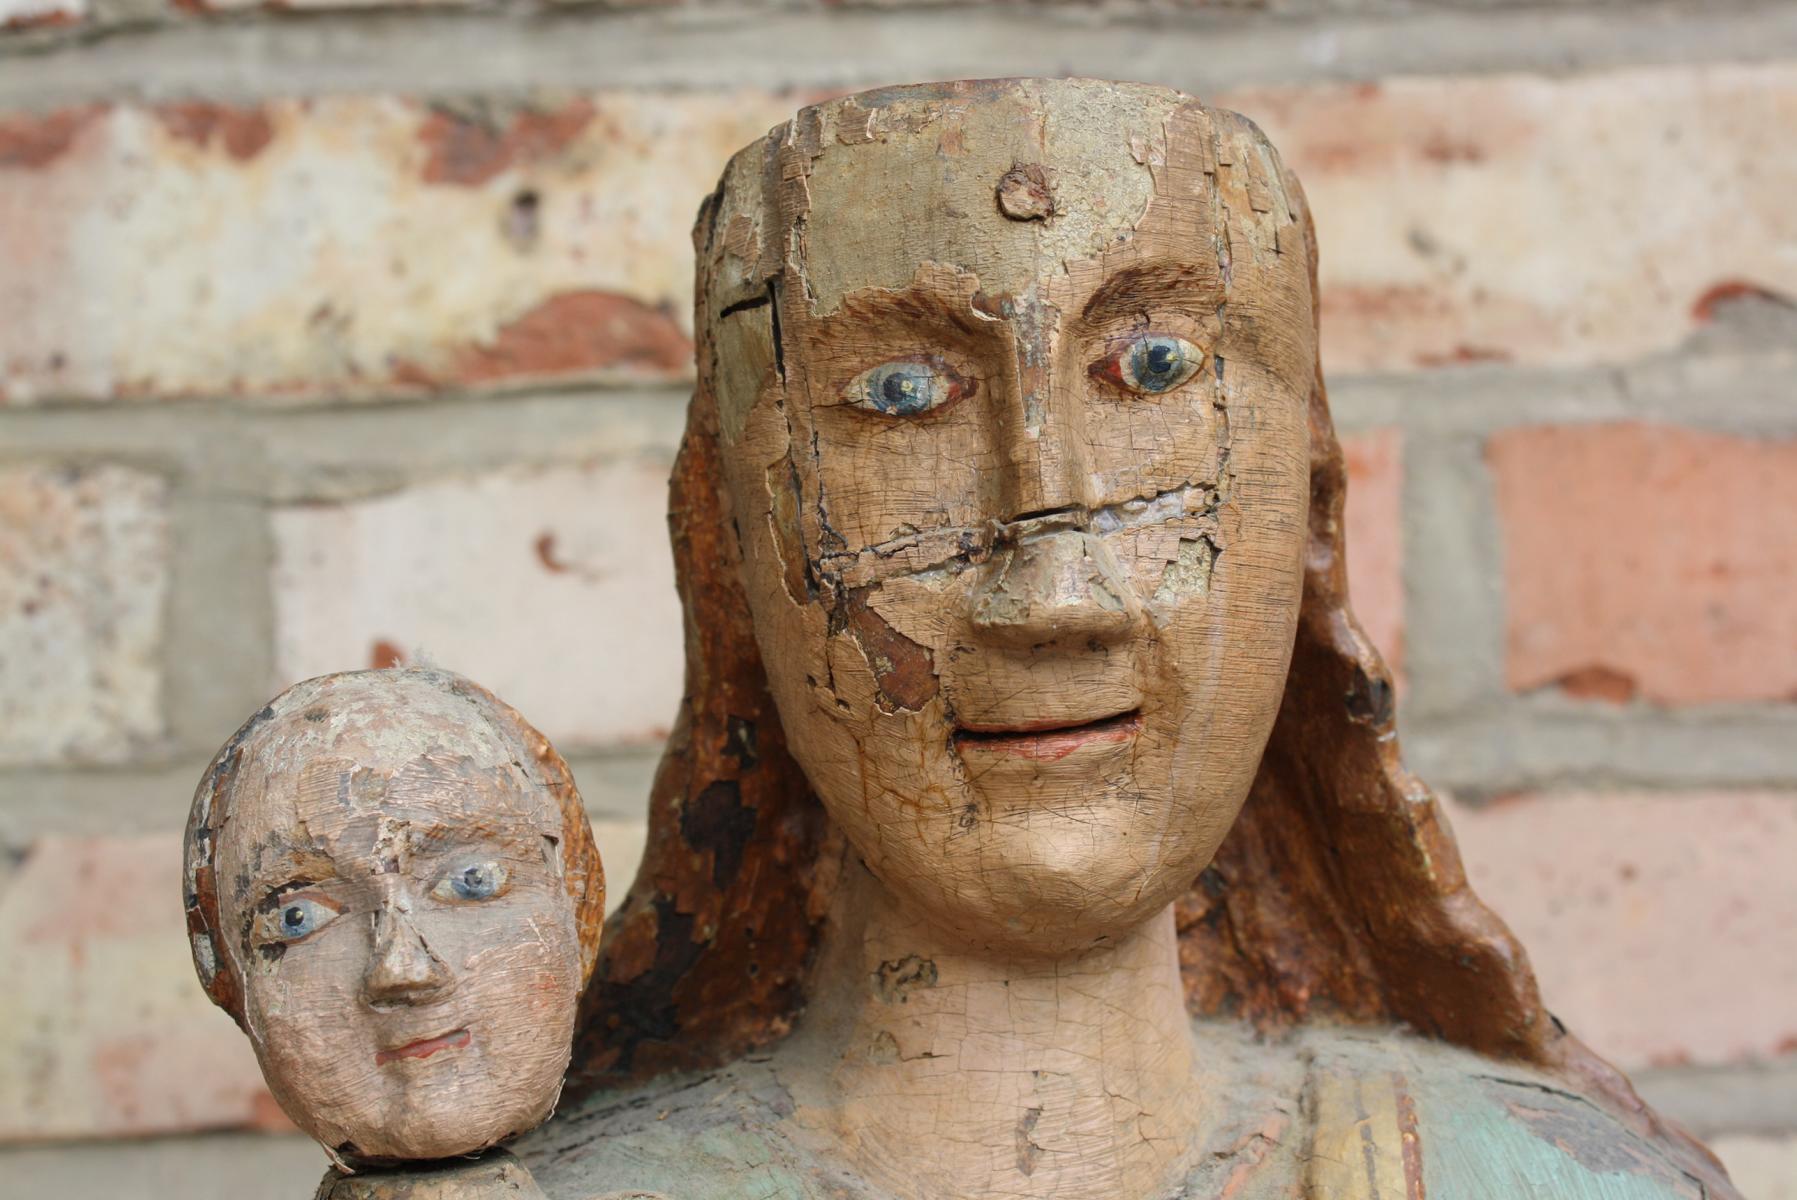 Madonna mit Kind und Weltkugel, wohl 15./16. Jahrhundert-2